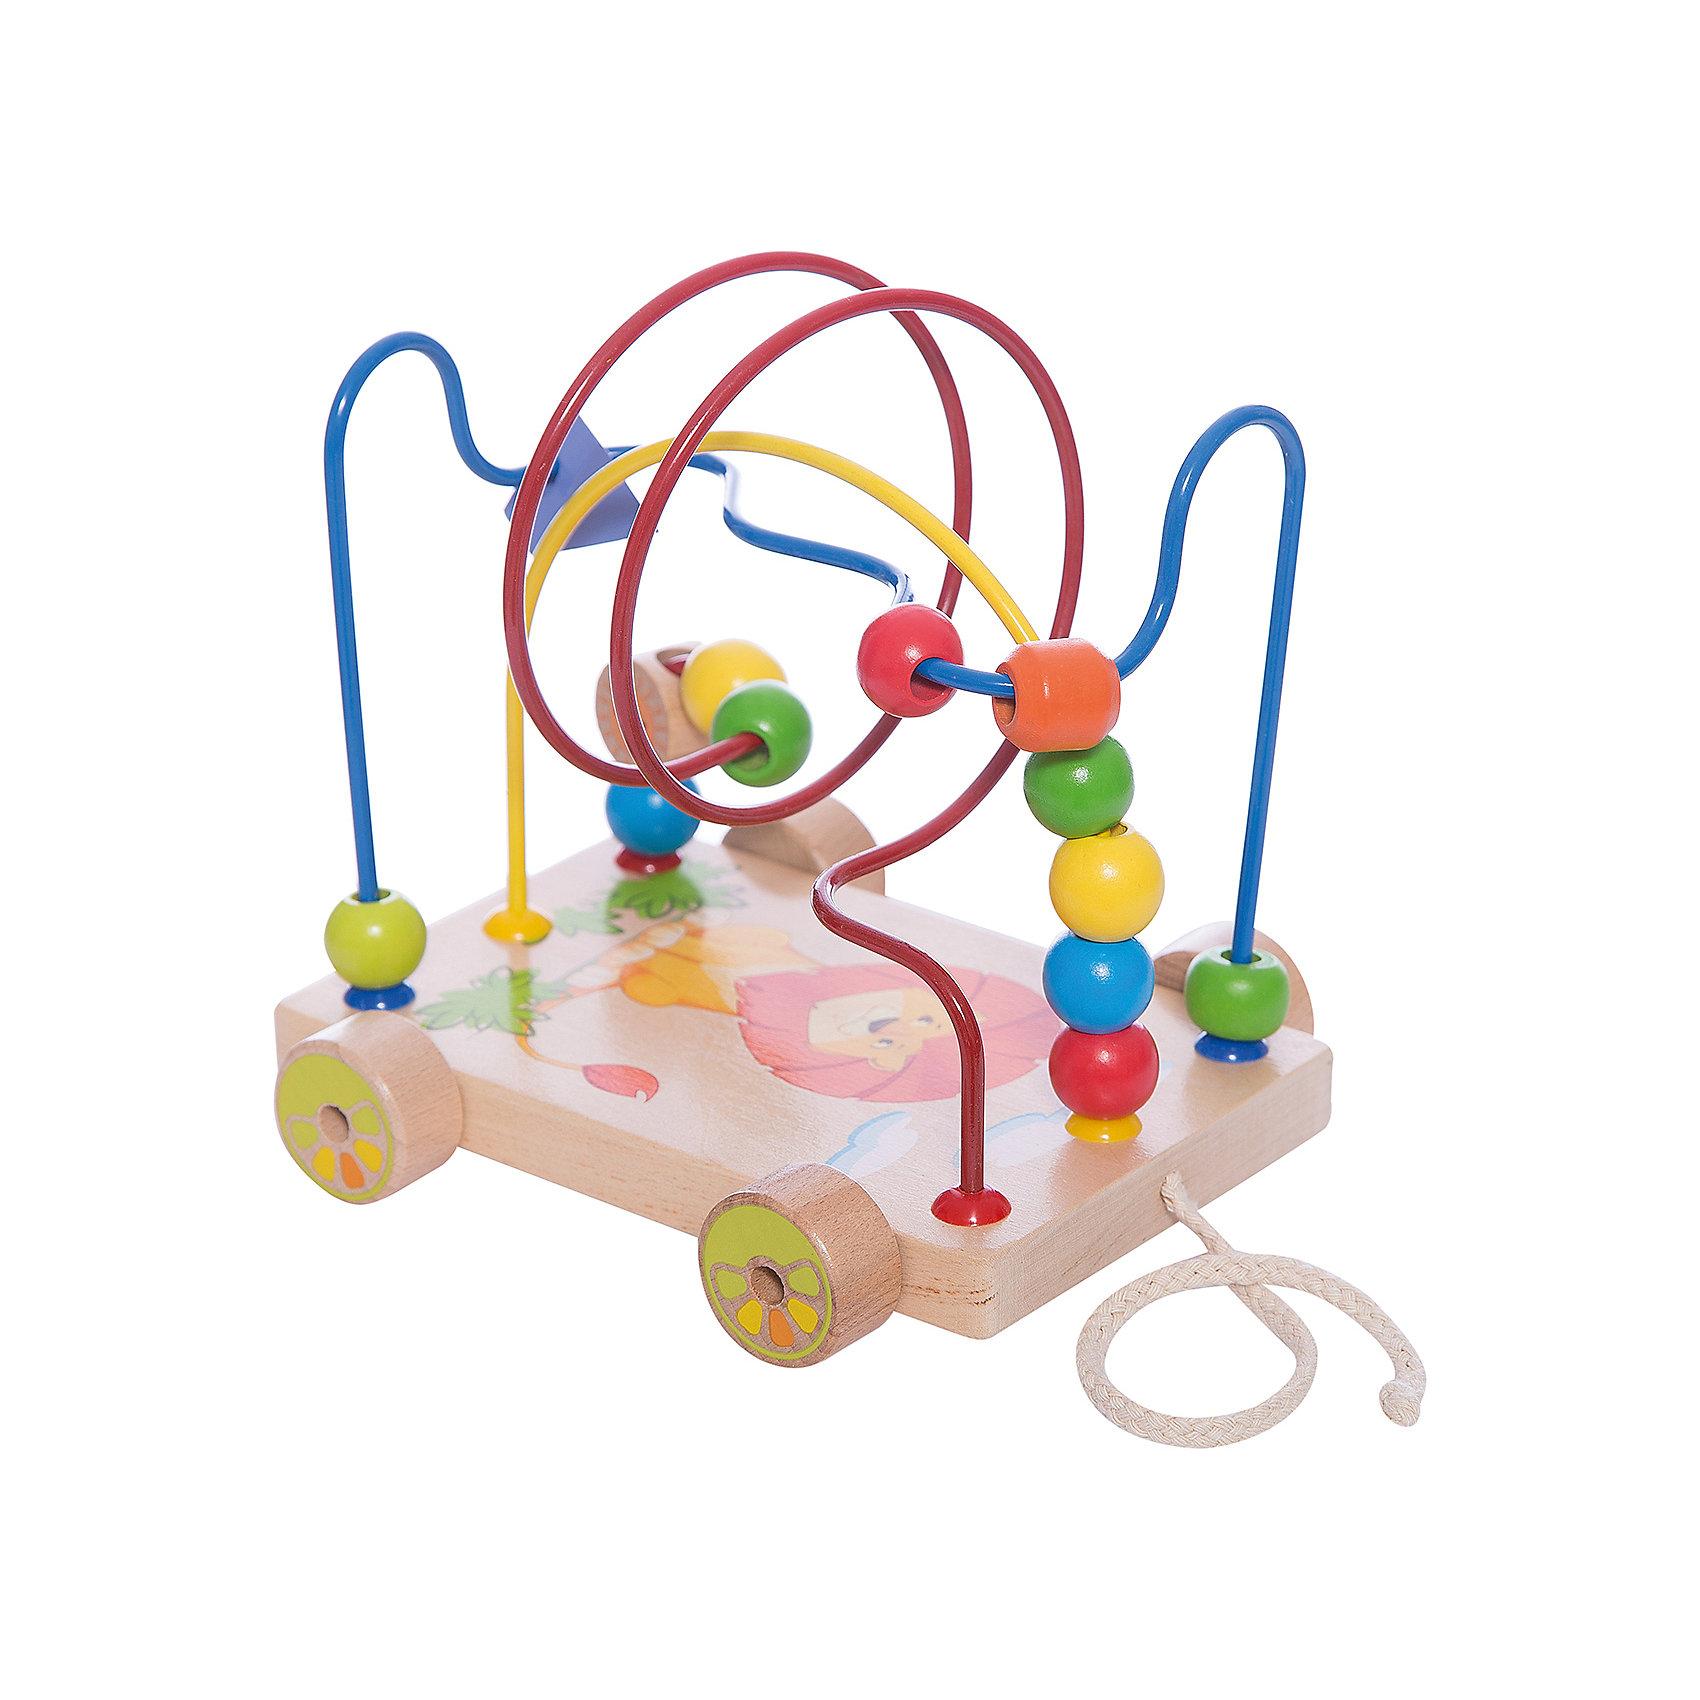 МДИ Лабиринт-каталка Львенок, Мир деревянных игрушек игрушка мир деревянных игрушек лабиринт каталка крокодил д362